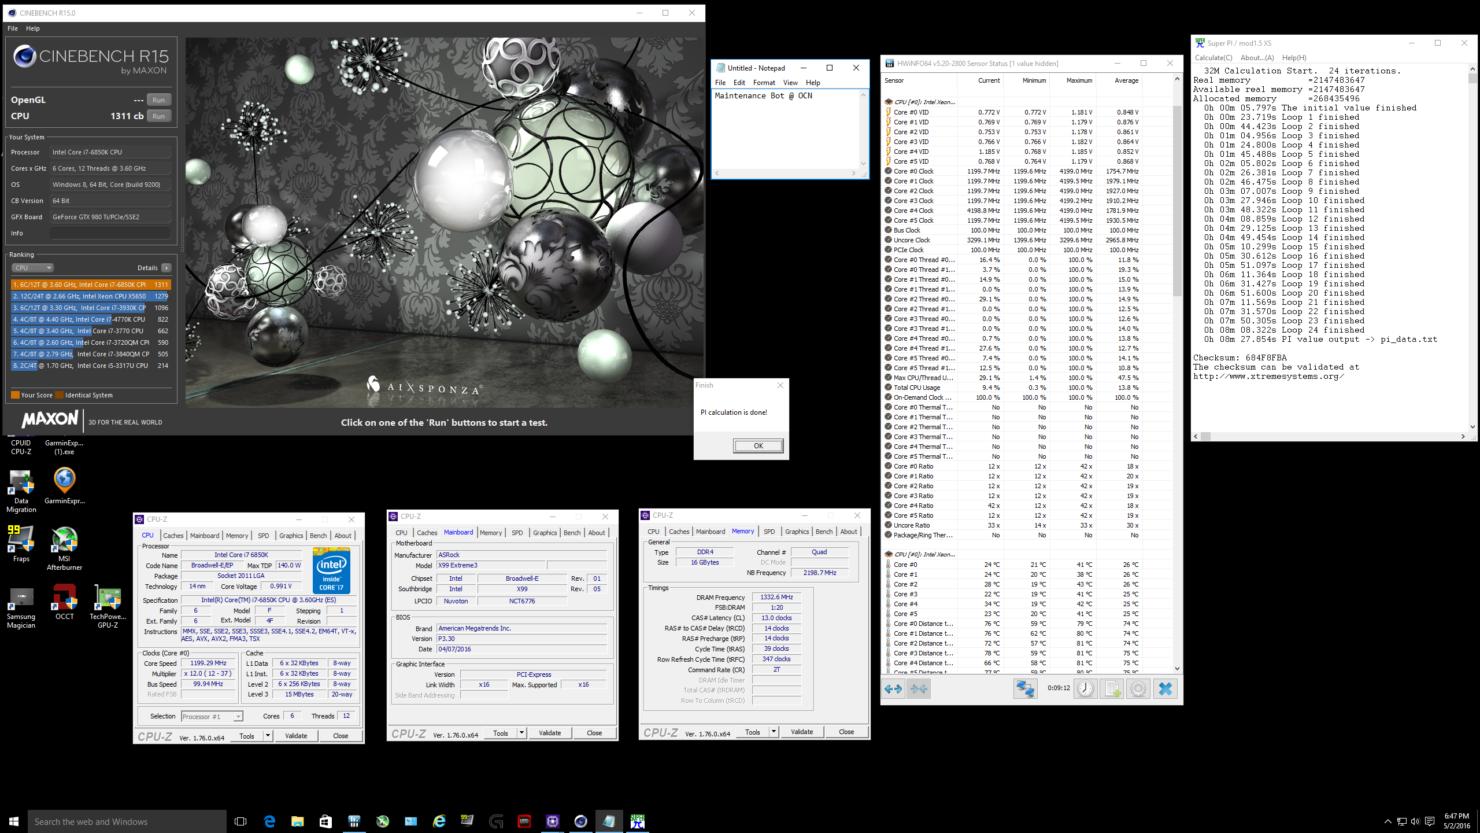 intel-core-i7-6850k-broadwell-e-processor_bench_1